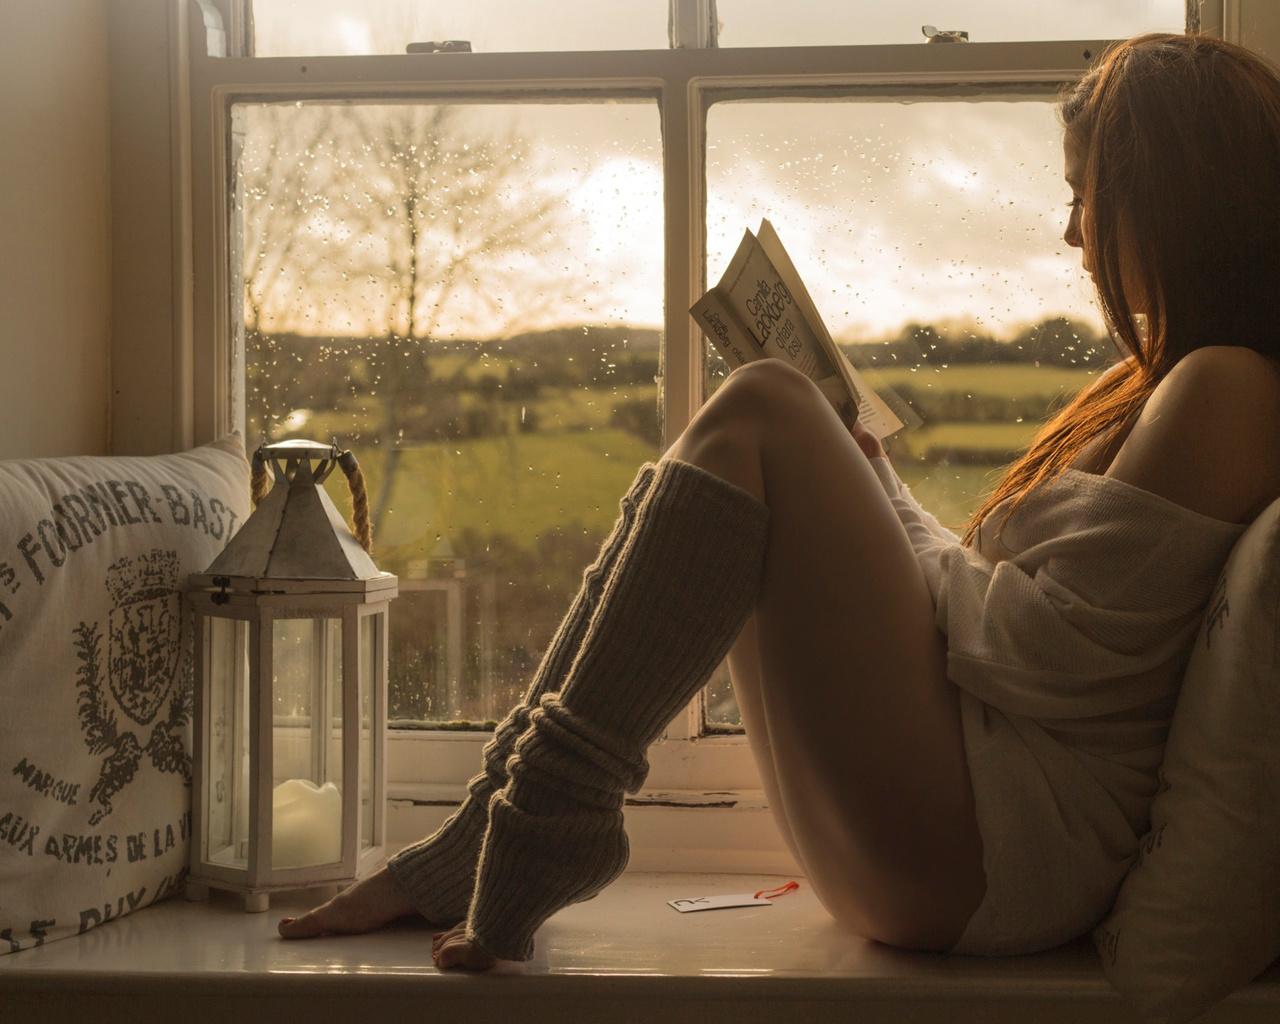 Эротическая библиотека читать онлайн, Эротические истории. Порно рассказы. Откровенные 1 фотография